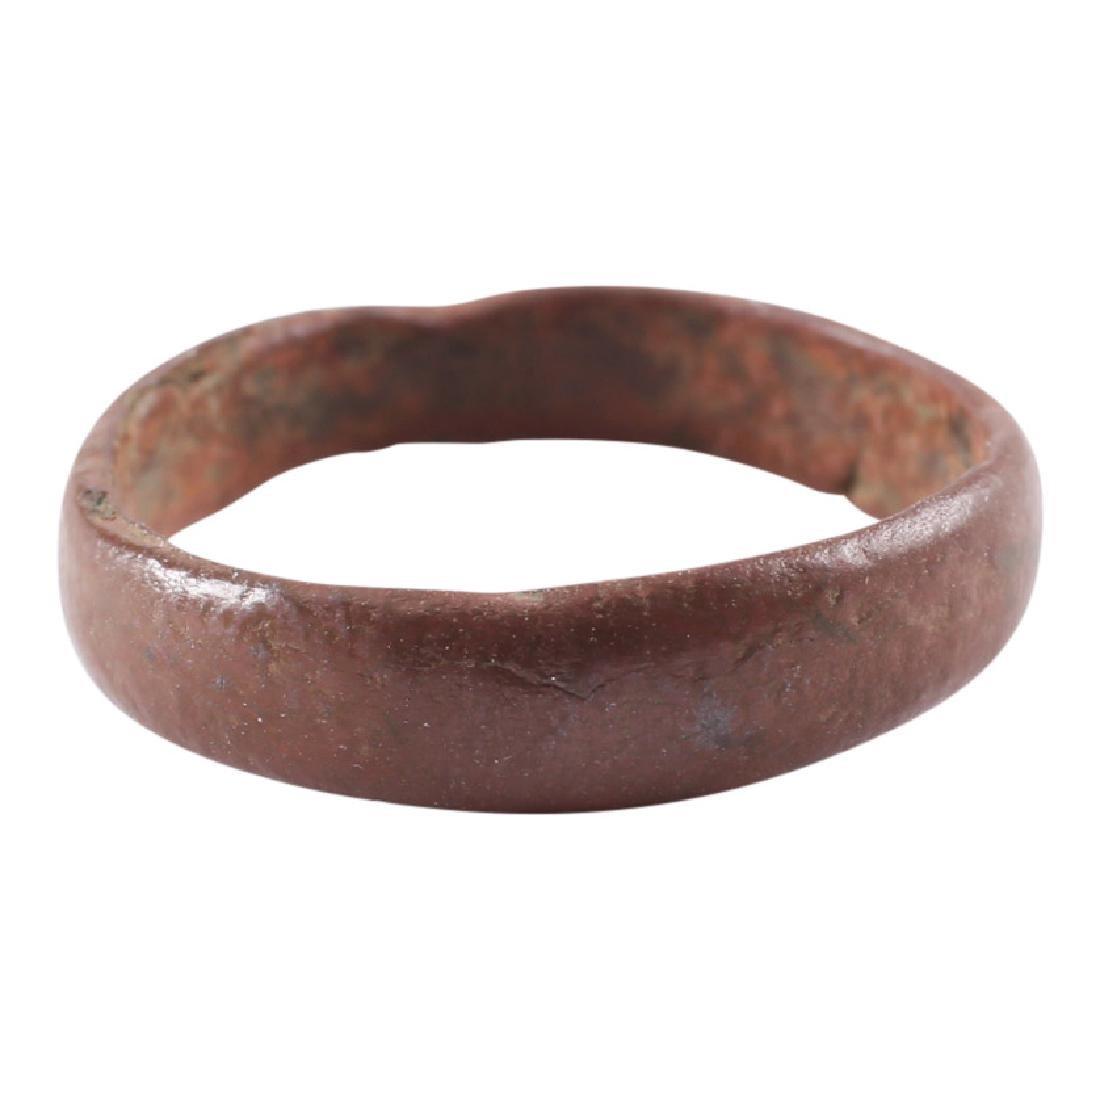 Viking Woman's Wedding Ring, 850-1050